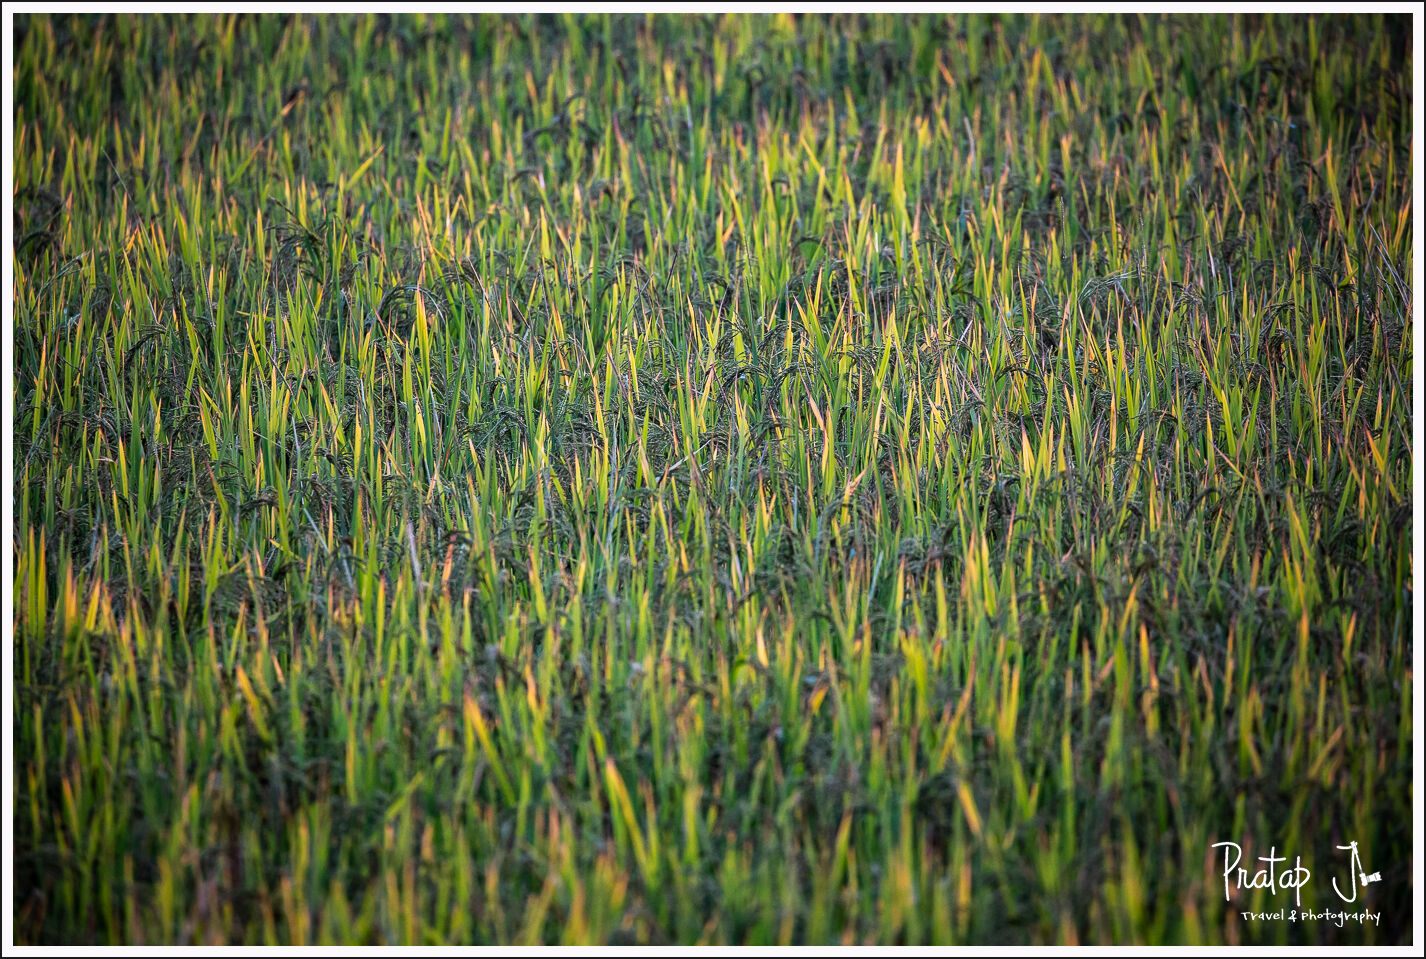 Closeup of paddy crop